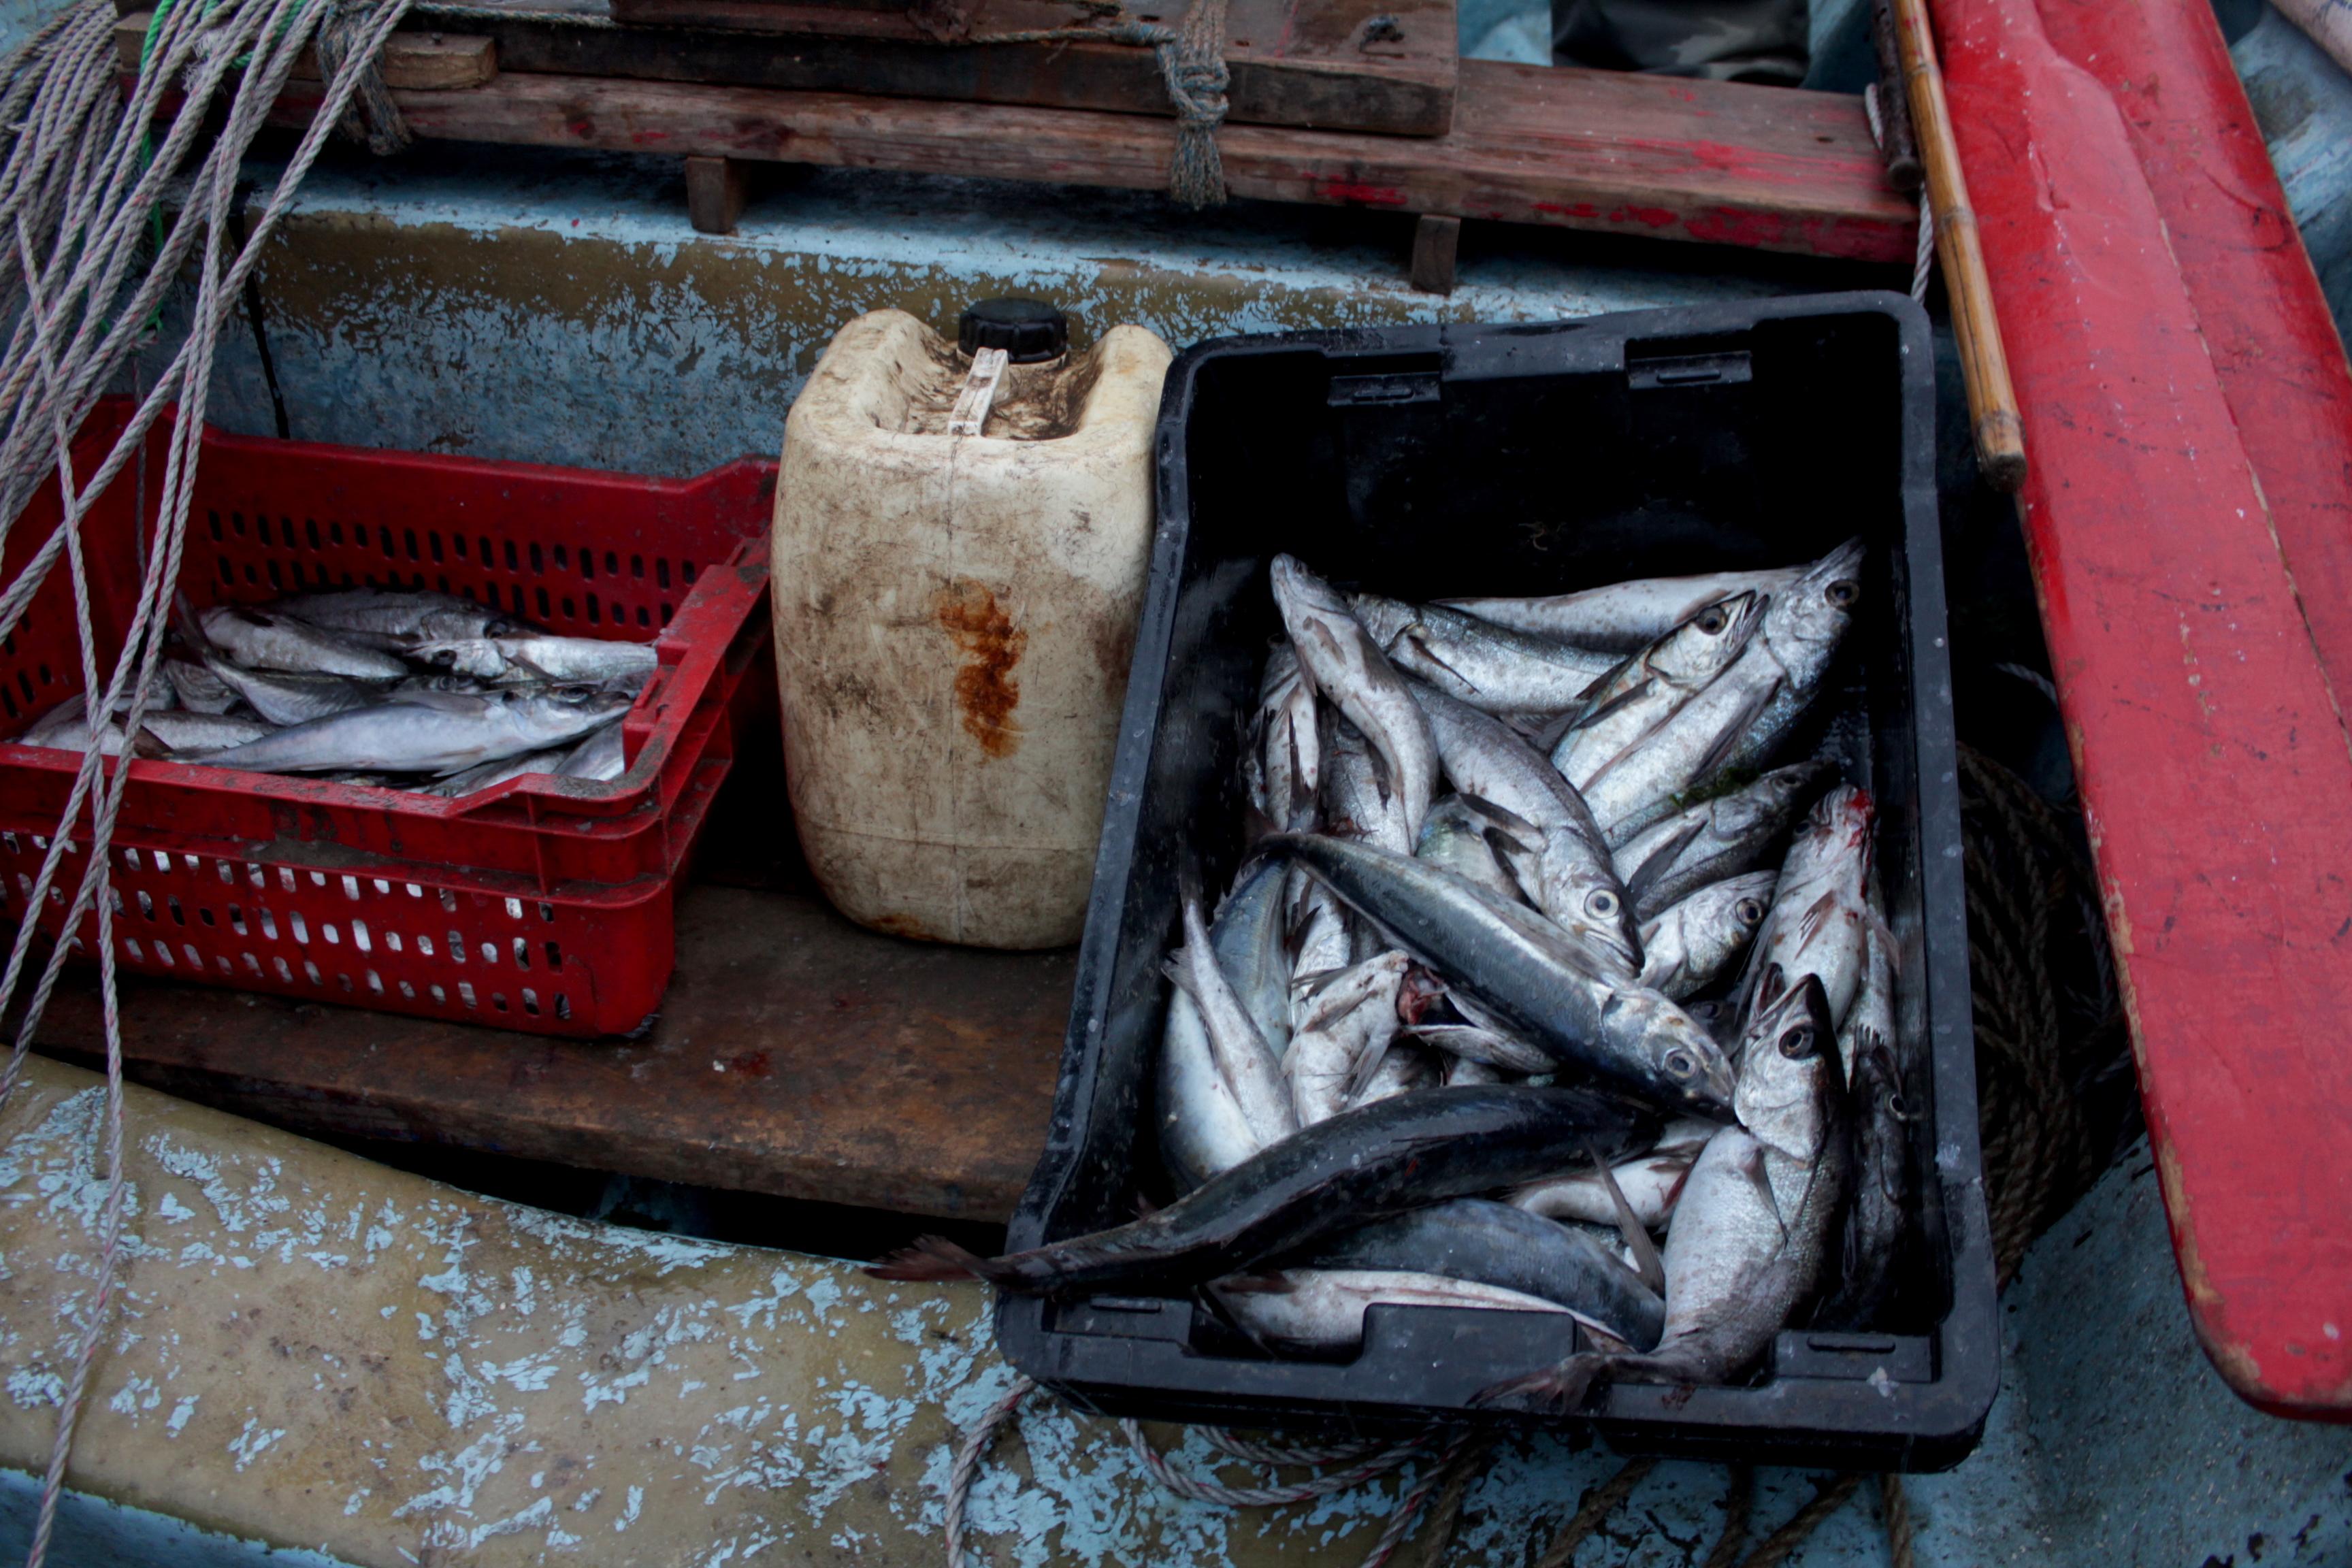 Pescadores artesanales pescando merluza. El 70% del recurso disponible es juvenil. Foto: Michelle Carrere